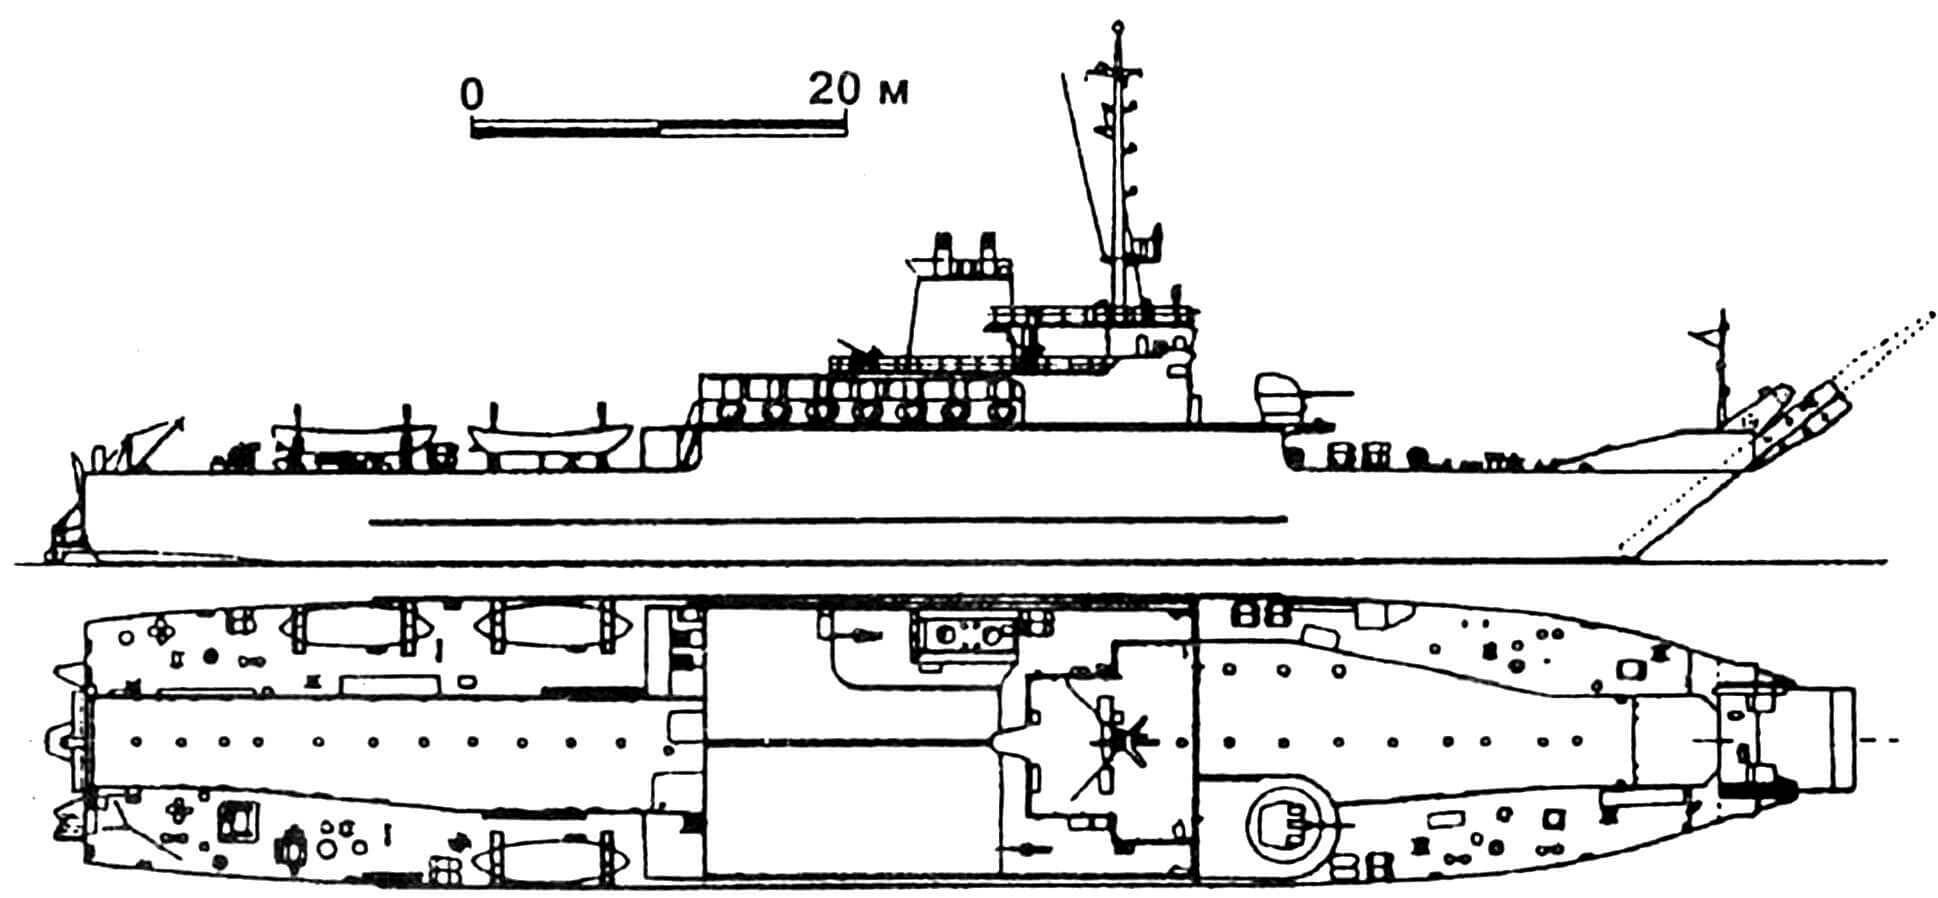 43. Средний десантный корабль «Амбе», Нигерия, 1979 г. Строился в ФРГ. Водоизмещение стандартное 1470 т, полное 1750 т. Длина максимальная 97,0 м, ширина 14,0 м, осадка 2,3 м. Два дизеля общей мощностью 6700 л.с., скорость 17 узлов. Вооружение: один 40-мм и два 20-мм зенитных автомата. Вместимость: 250 — 1000 десантников. Всего для Нигерии построено 2 единицы: «Амбе» и «Офиом».